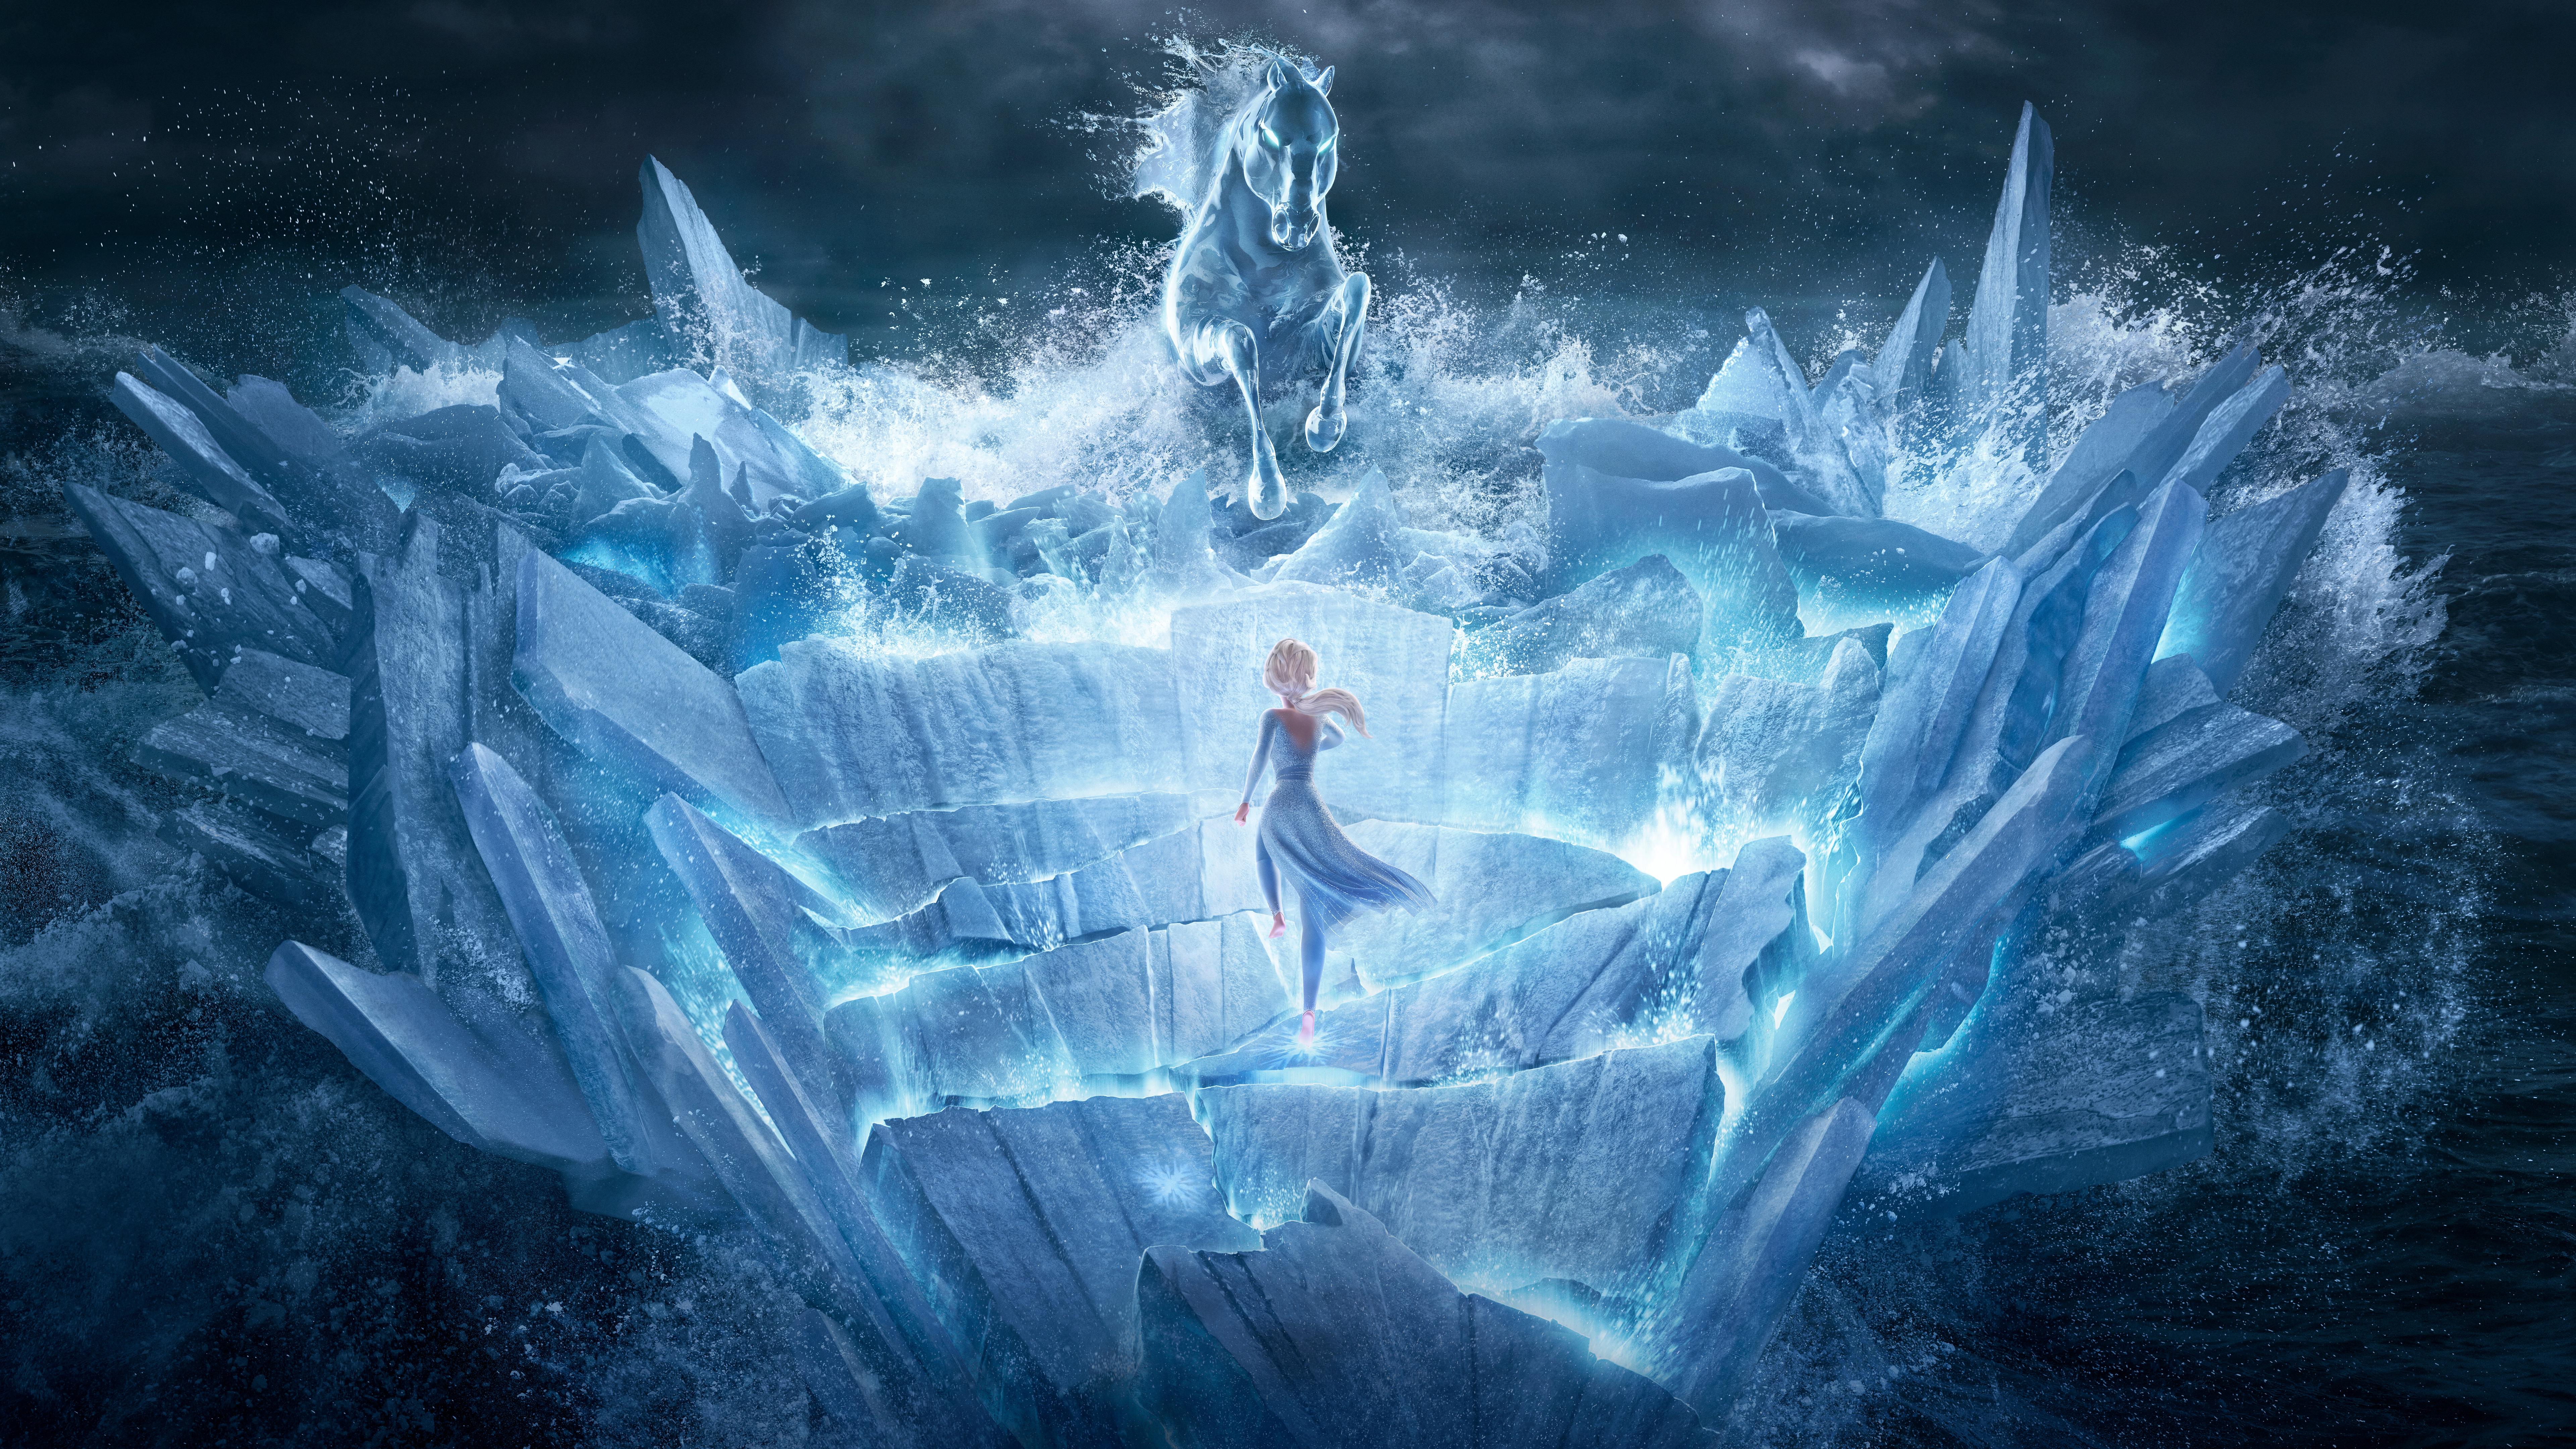 frozen-2-2019-10k-qj.jpg